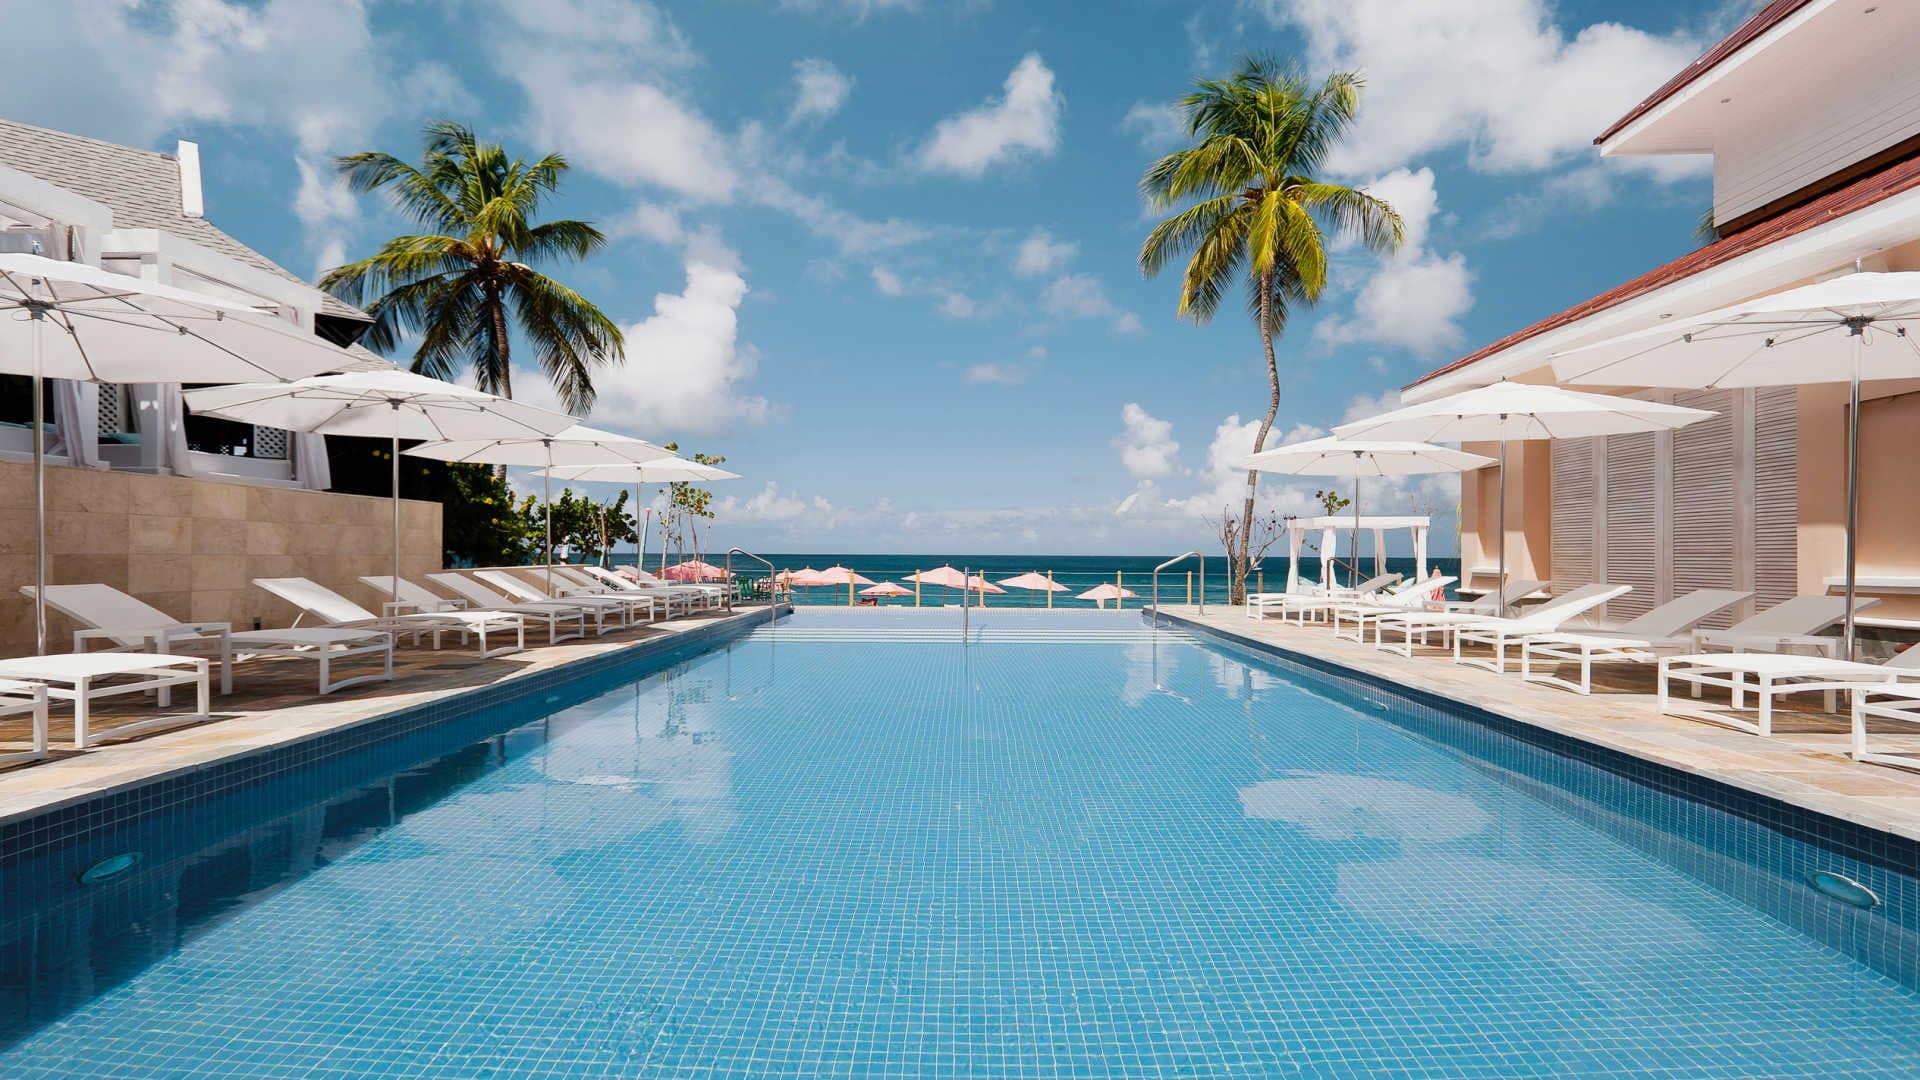 best luxury wellness retreats in the caribbean